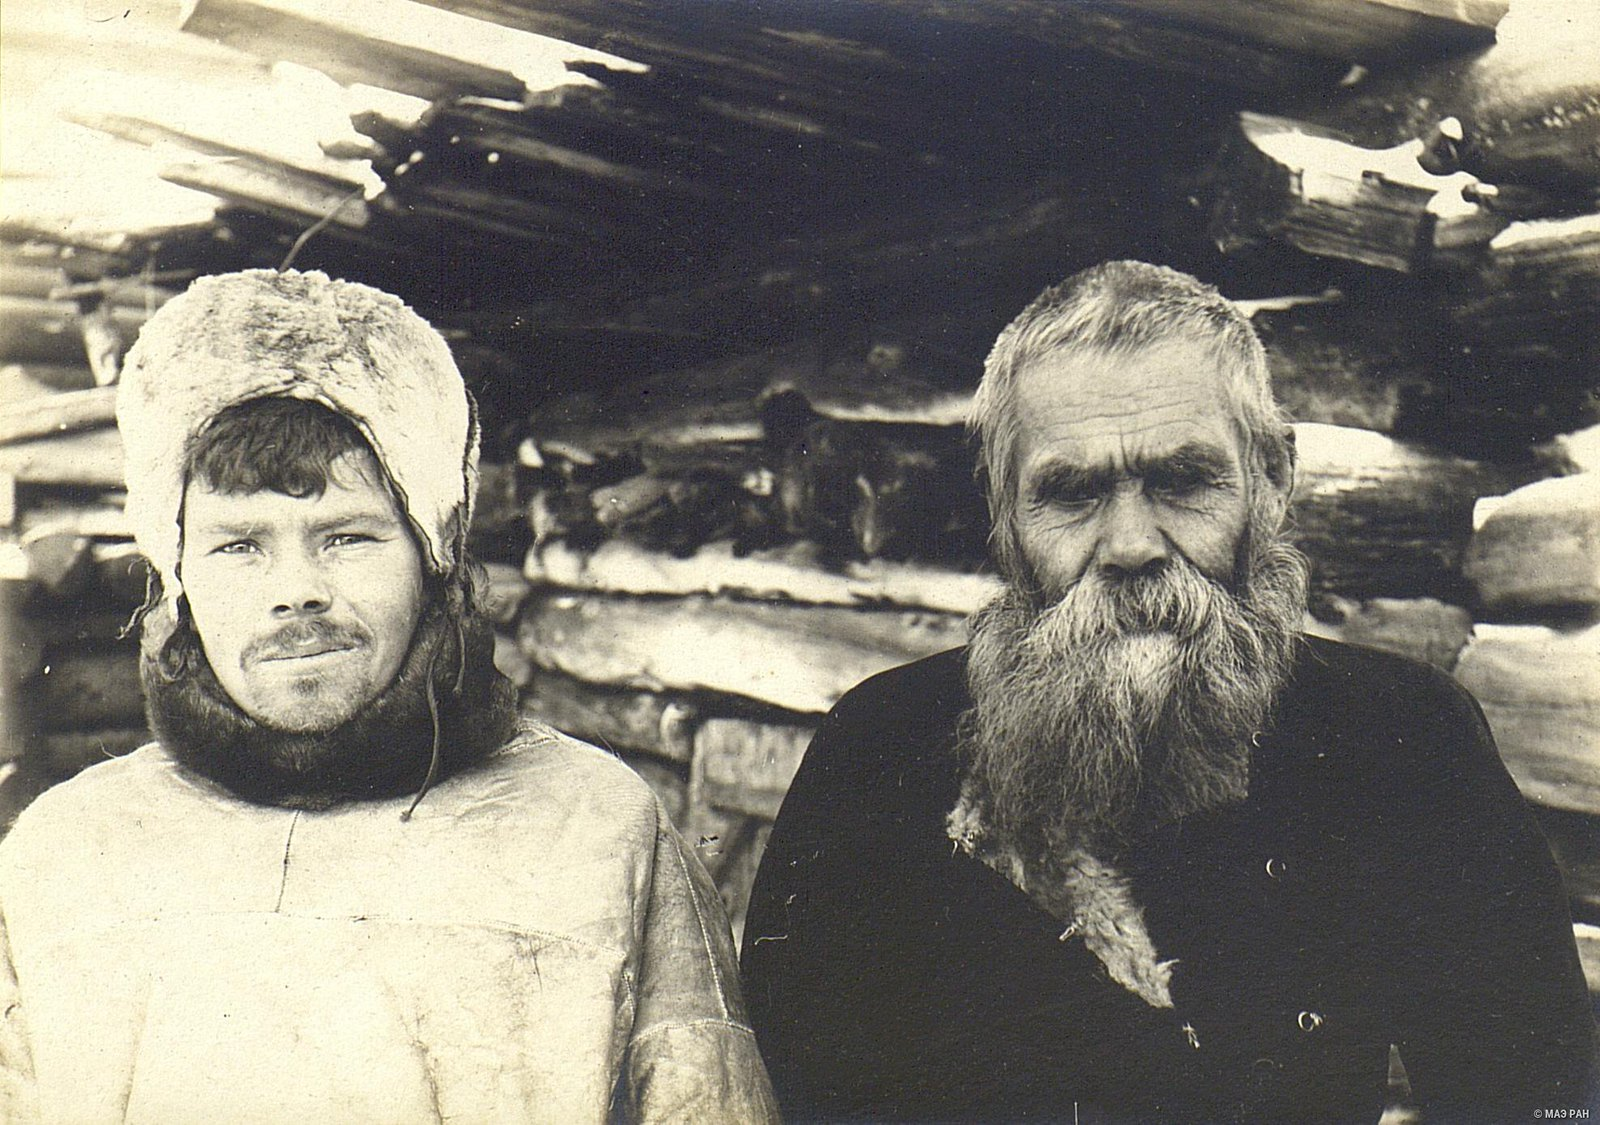 Крестьянин Ефим Бешенкин (95 лет) с сыном Николаем (24 года)